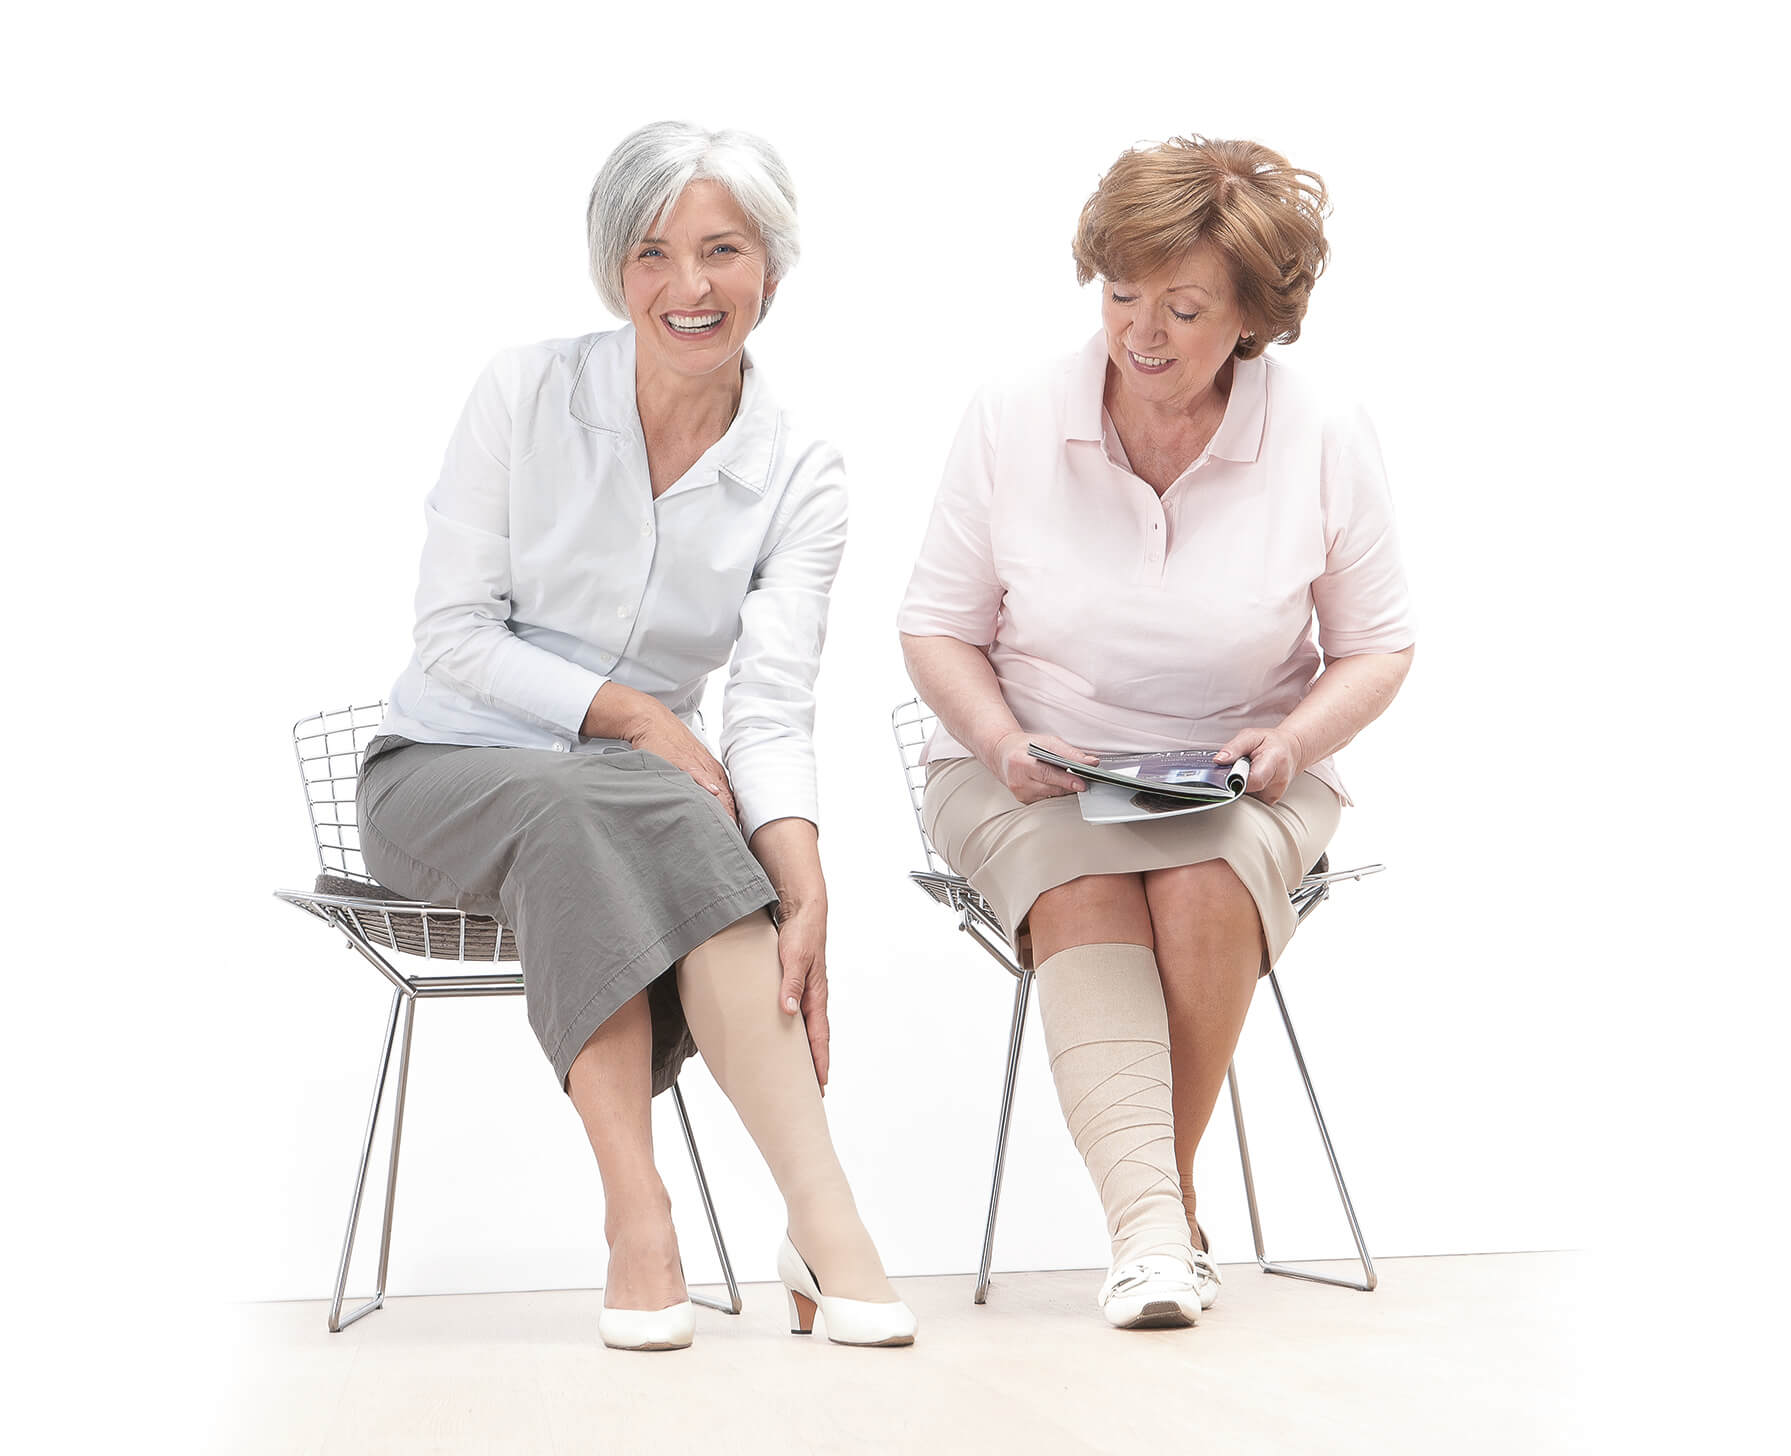 VenoTrain® ulcertec tõestatud parem ravitoime elastiksidemetega võrreldes